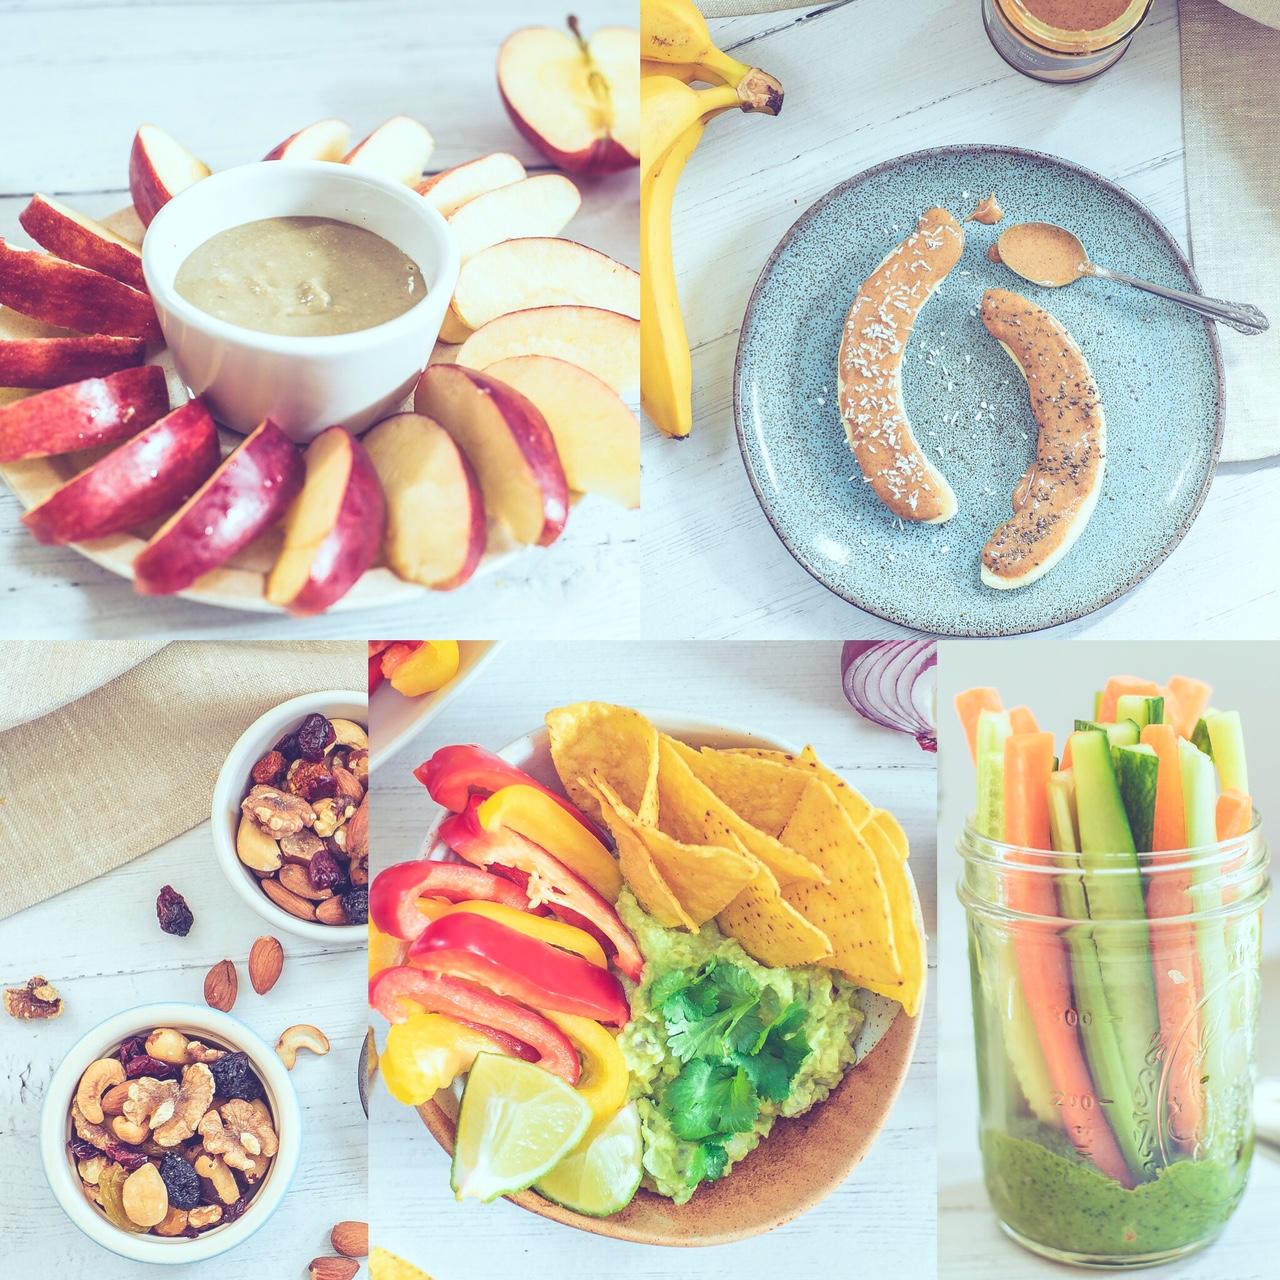 5 tasty sugar free healthy snacks